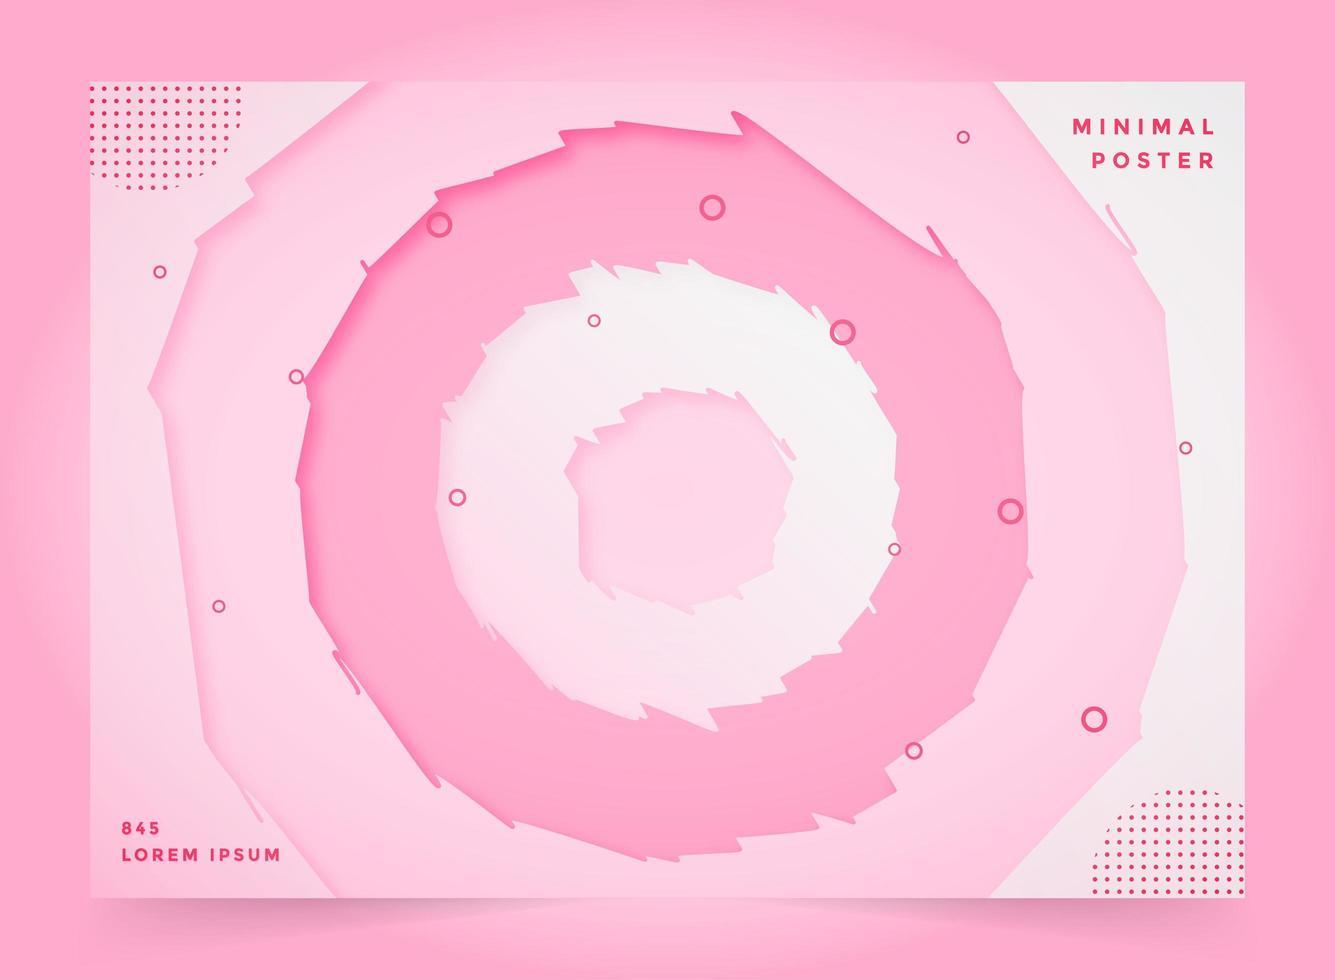 rosa astratto carta tagliata sfondo melma vettore